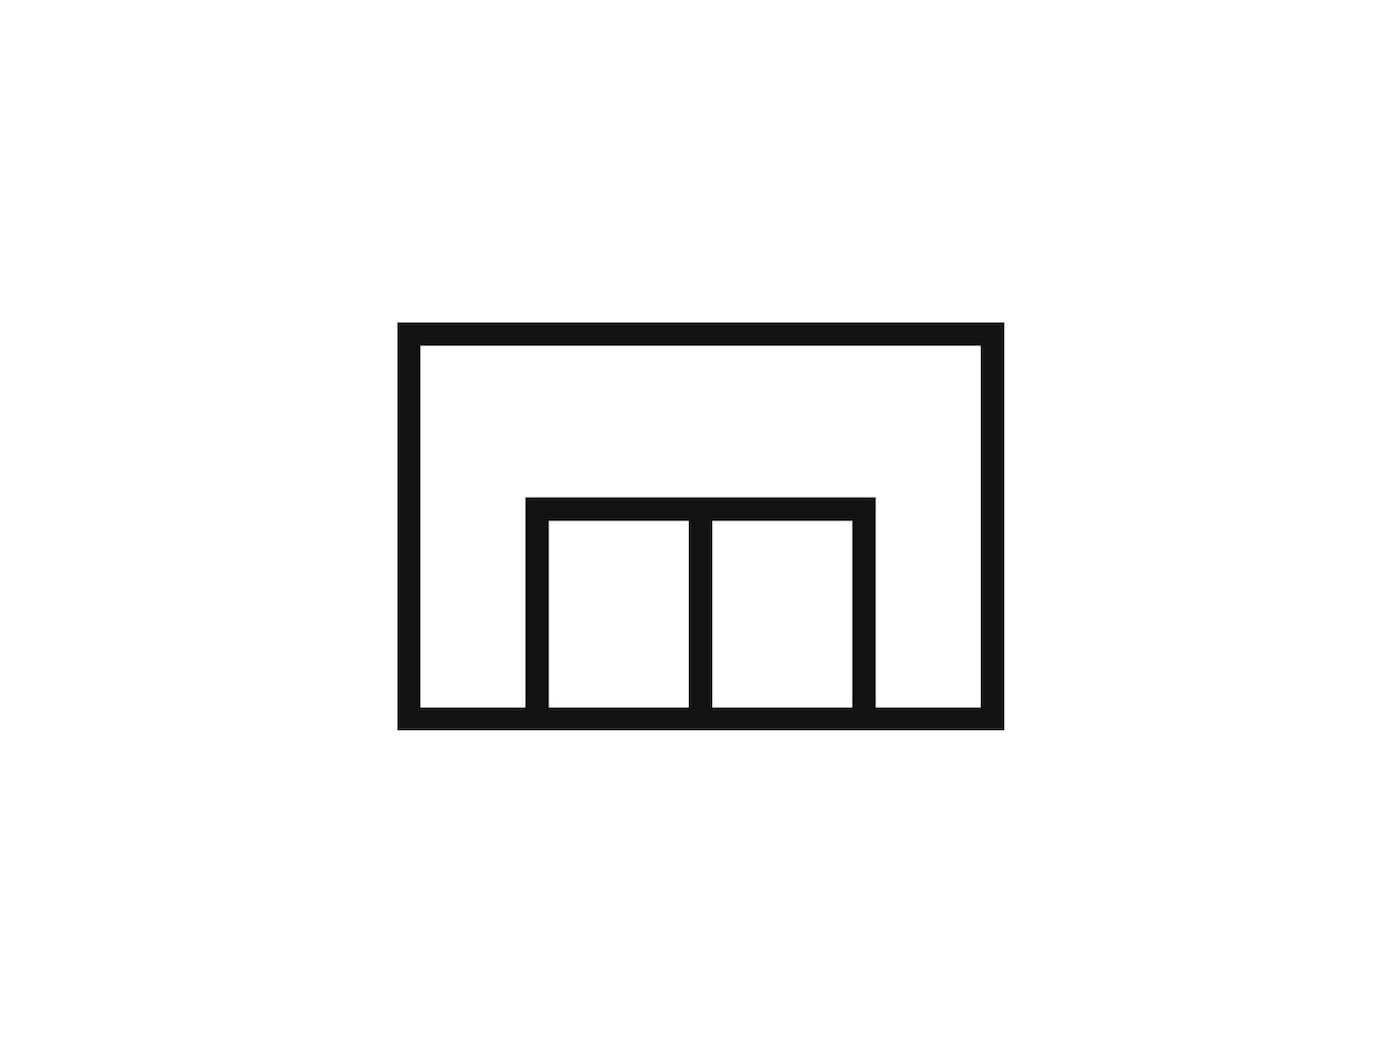 Obrázok obchodného domu, ktorý symbolizuje nakupovanie v obchodnom dome.